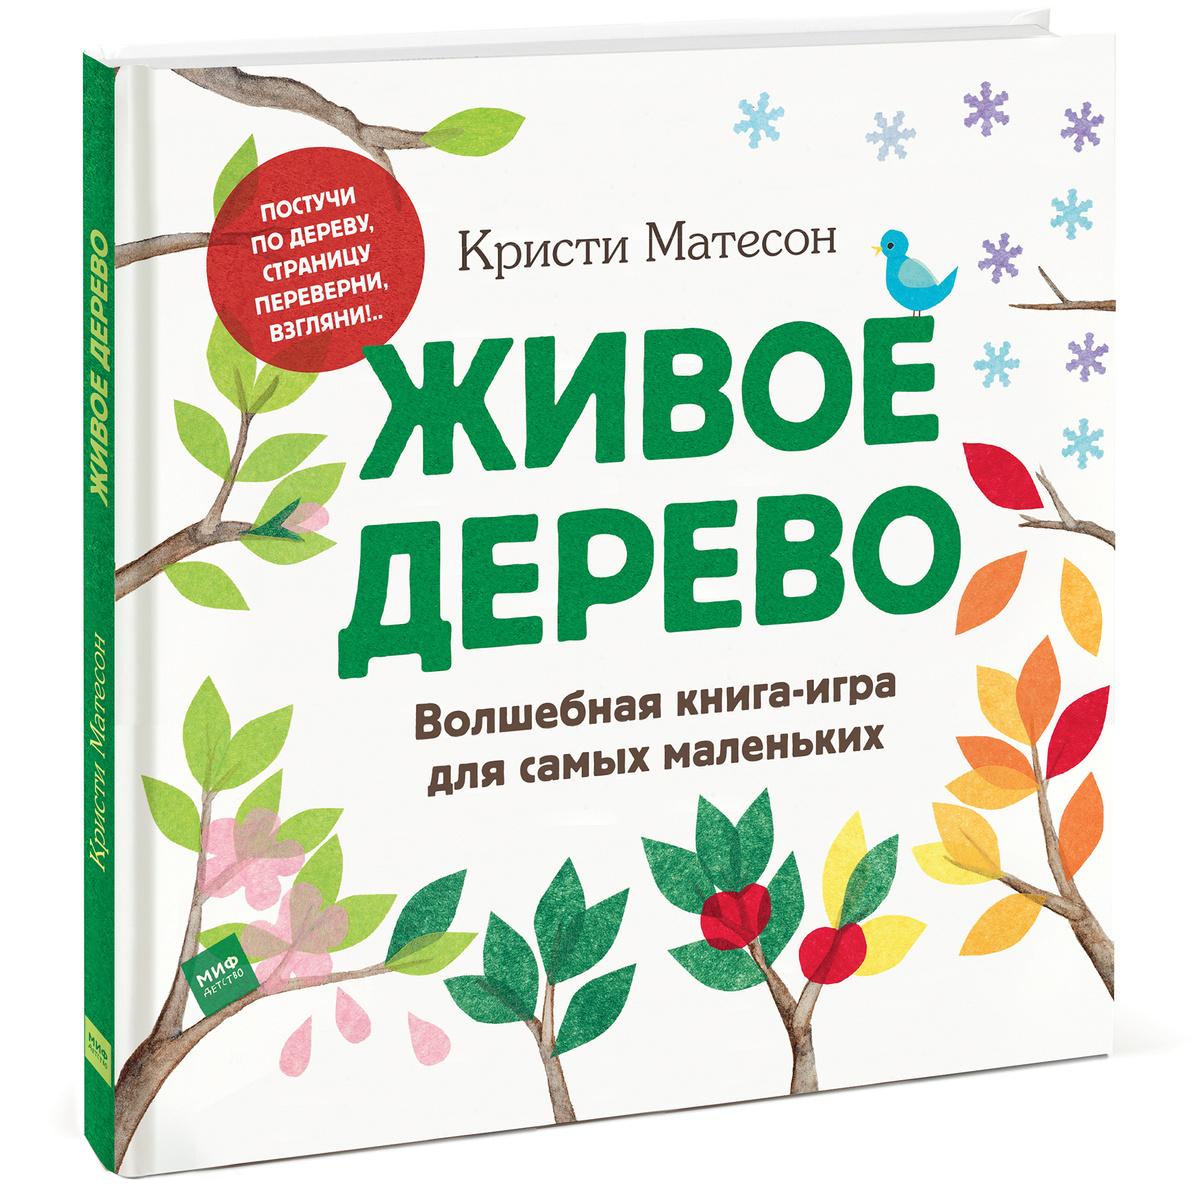 Живое дерево. Волшебная книга-игра для самых маленьких | Матесон Кристи  #1